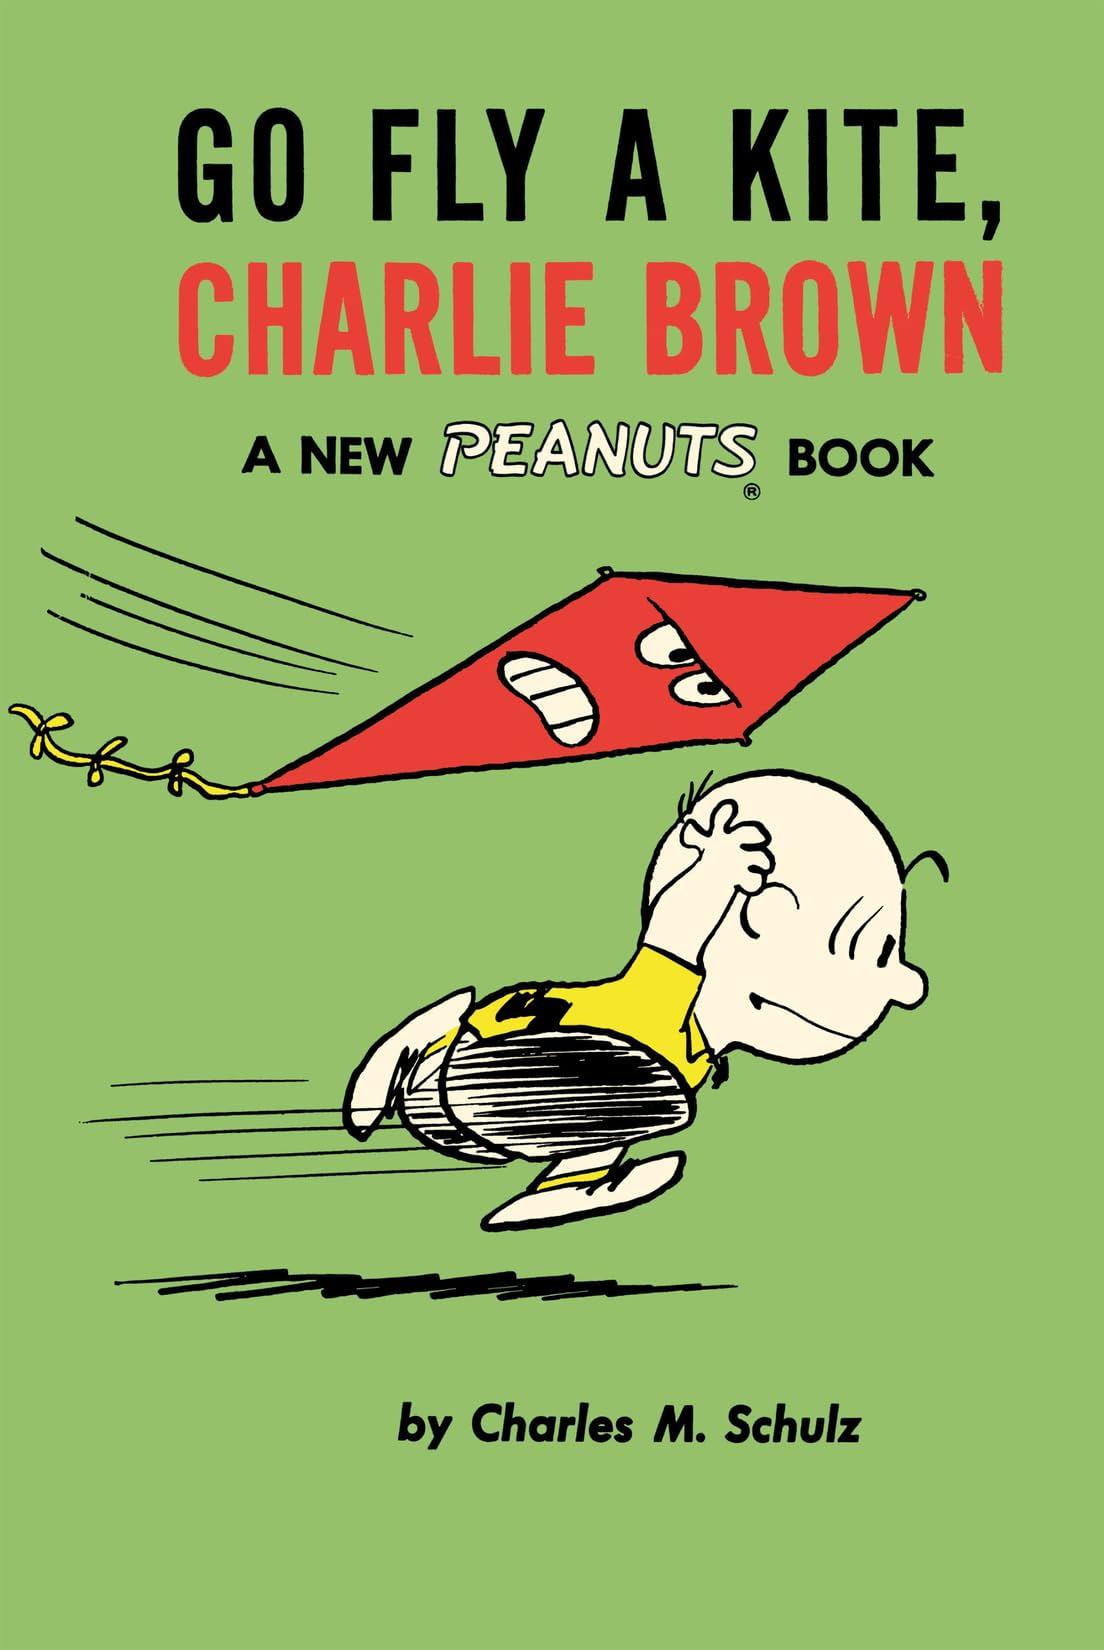 Peanuts Vol. 9: Go Fly A Kite, Charlie Brown